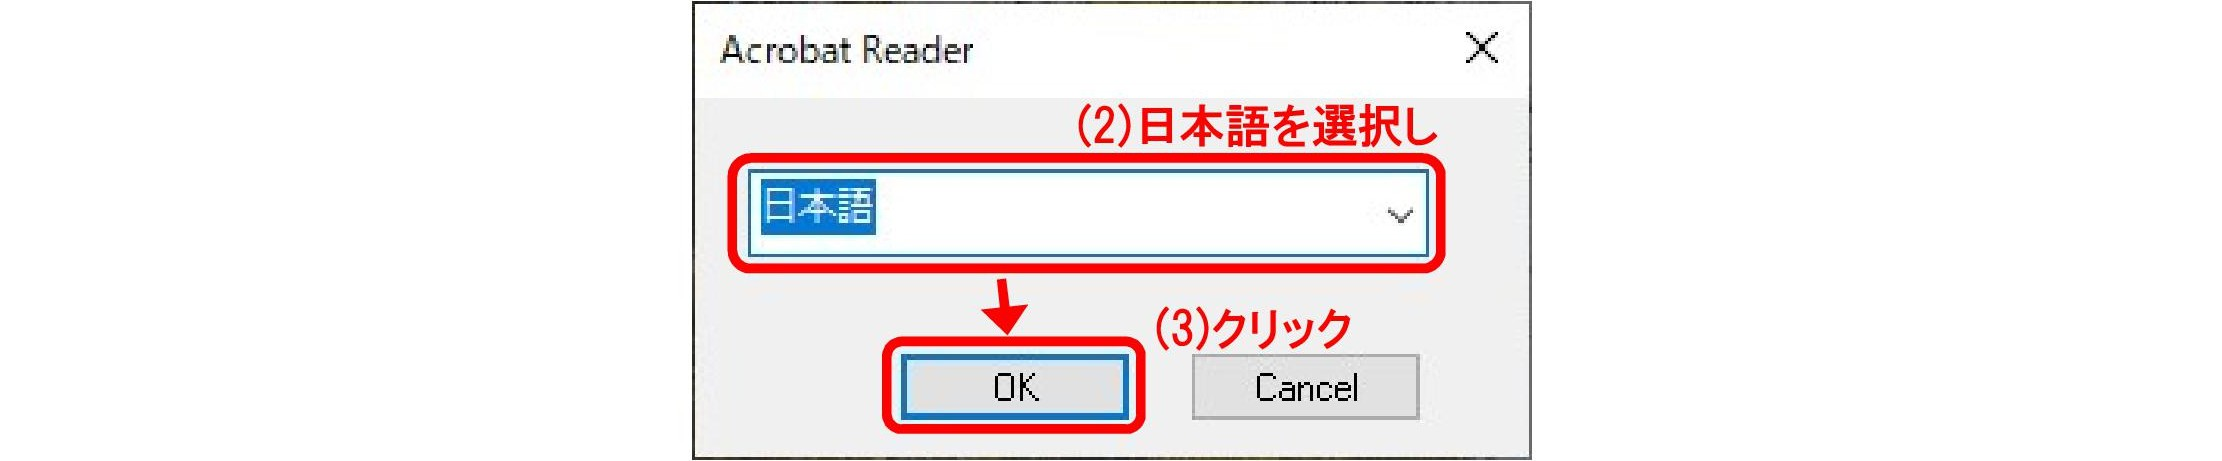 ファイル 44-2.jpg